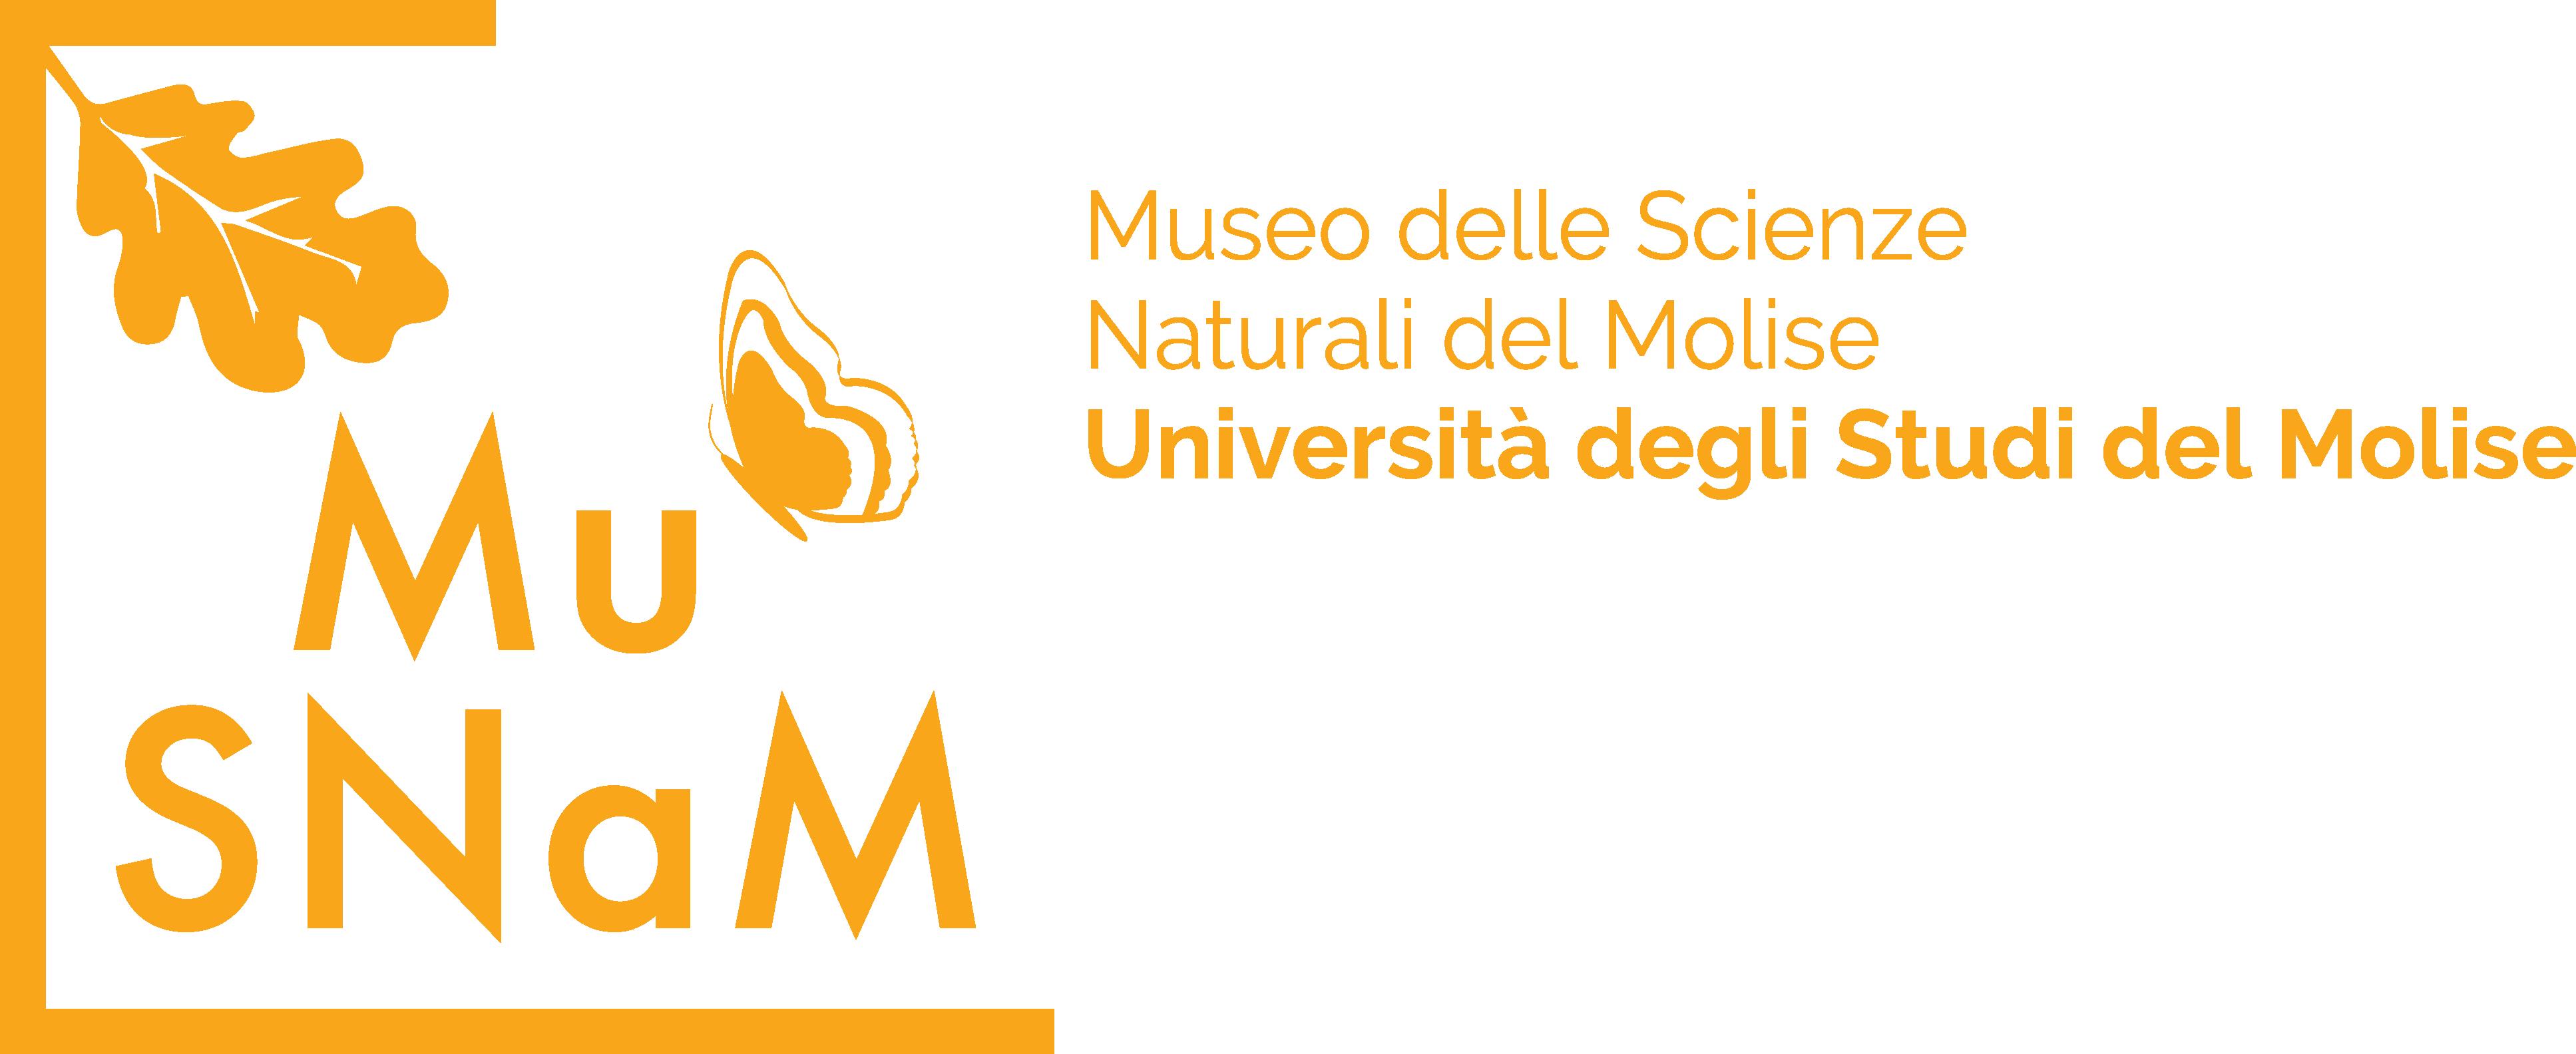 MuSNaM - Museo delle Scienze Naturali del Molise